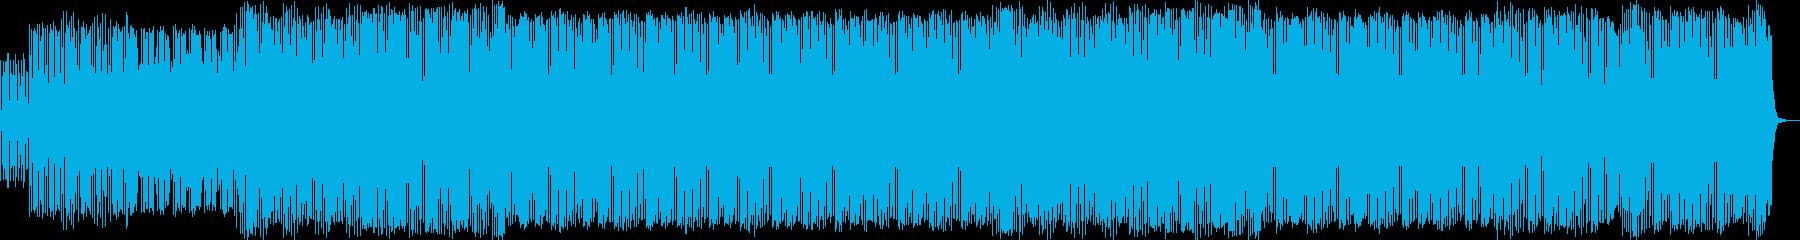 幅広いエレクトロラテンリズムのピア...の再生済みの波形